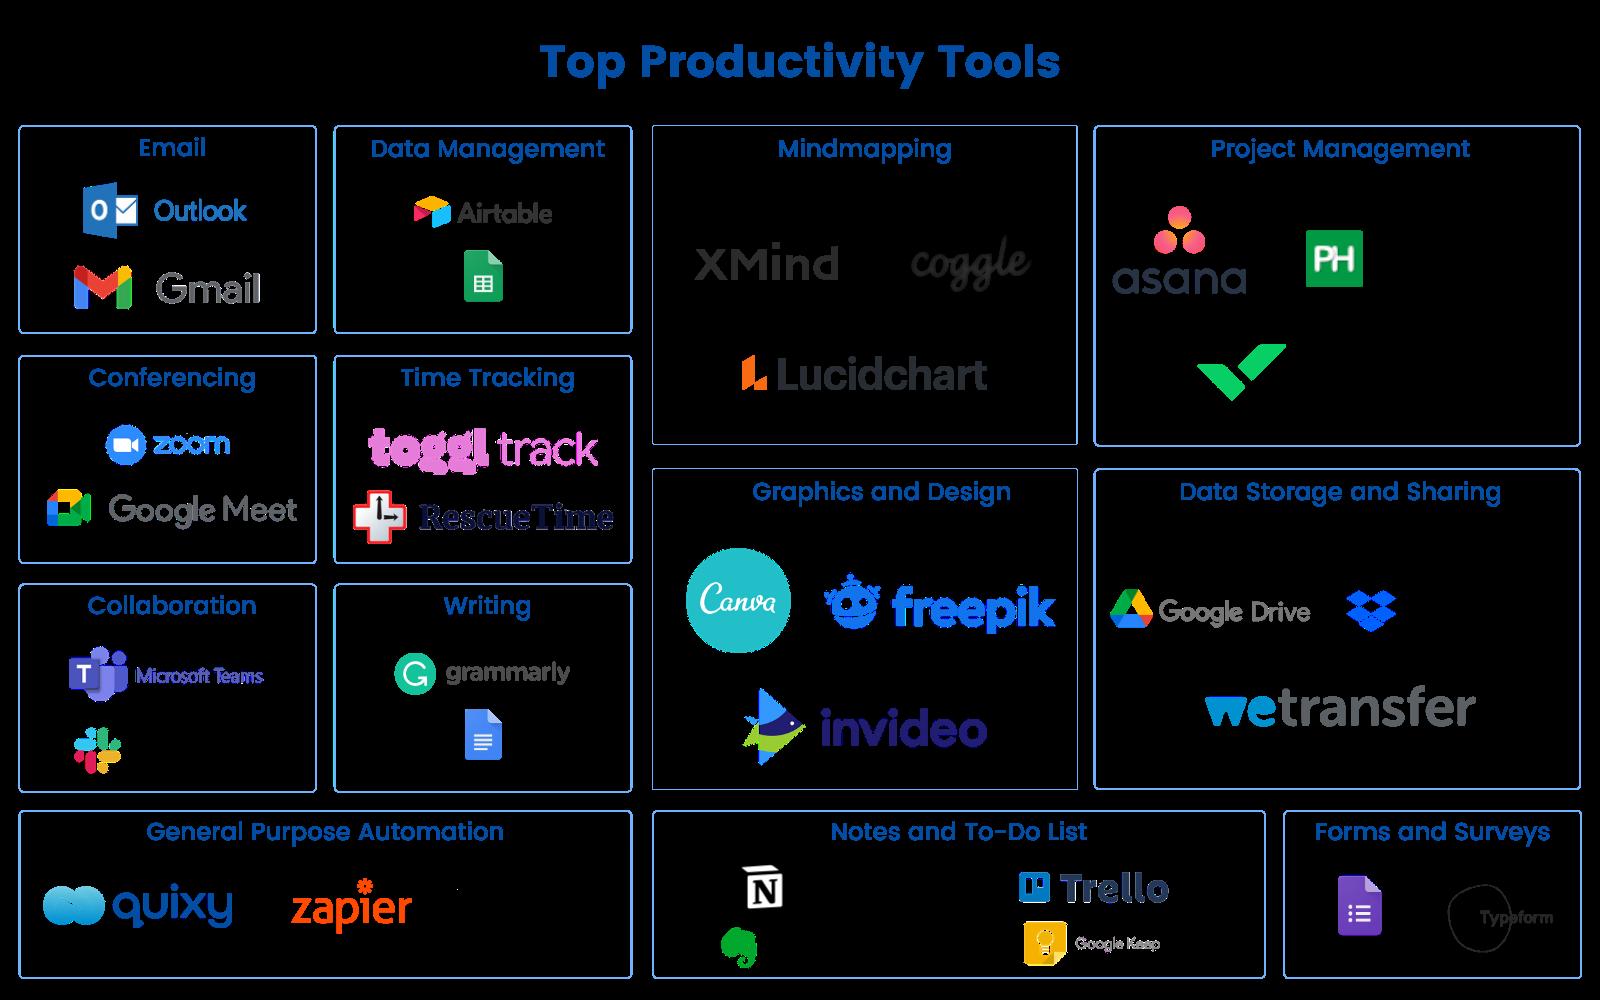 Top Productivity Tools